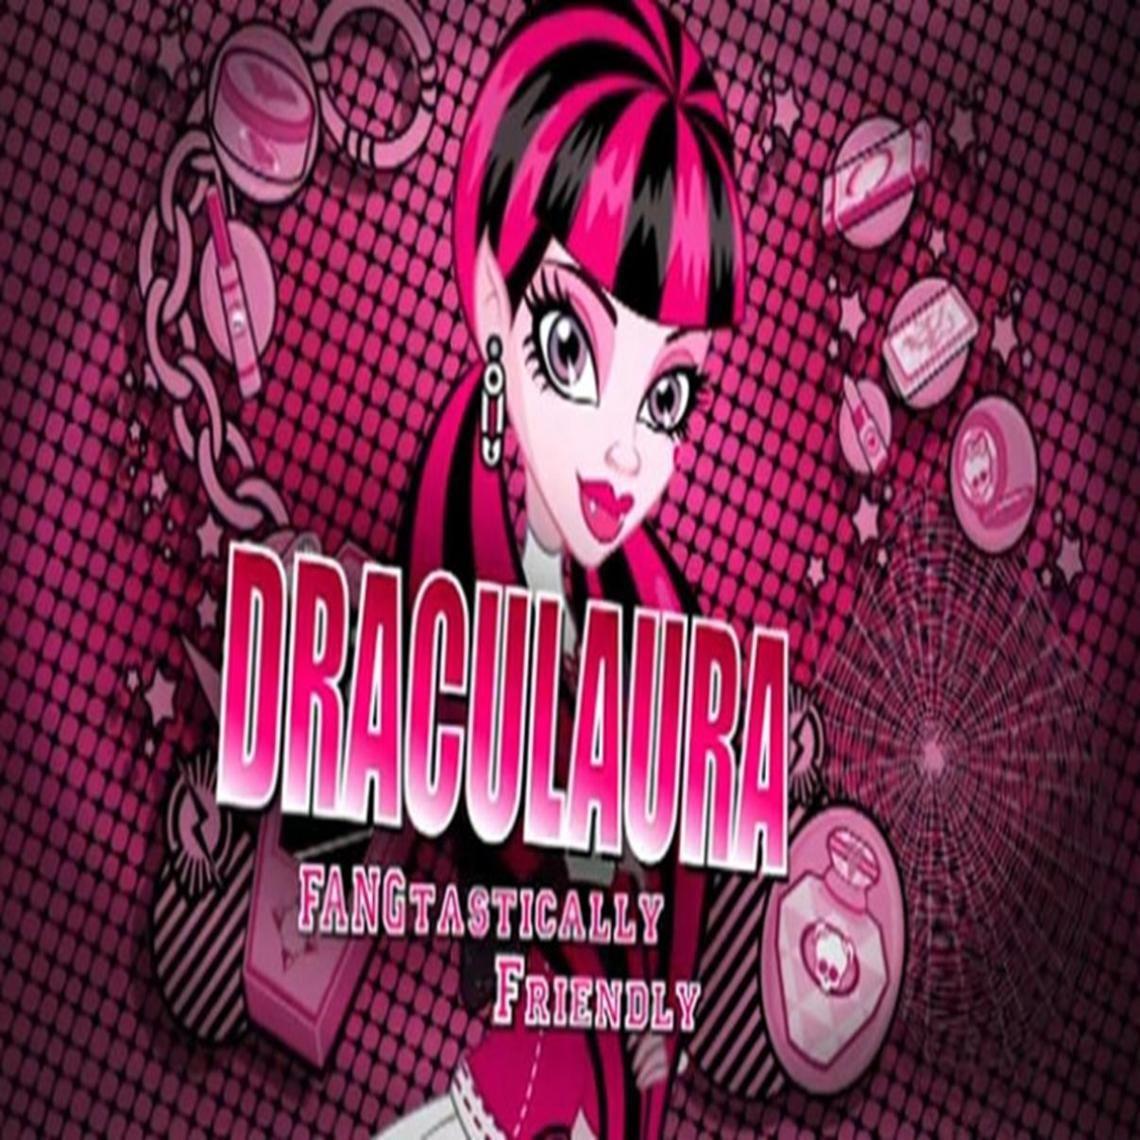 Draculara